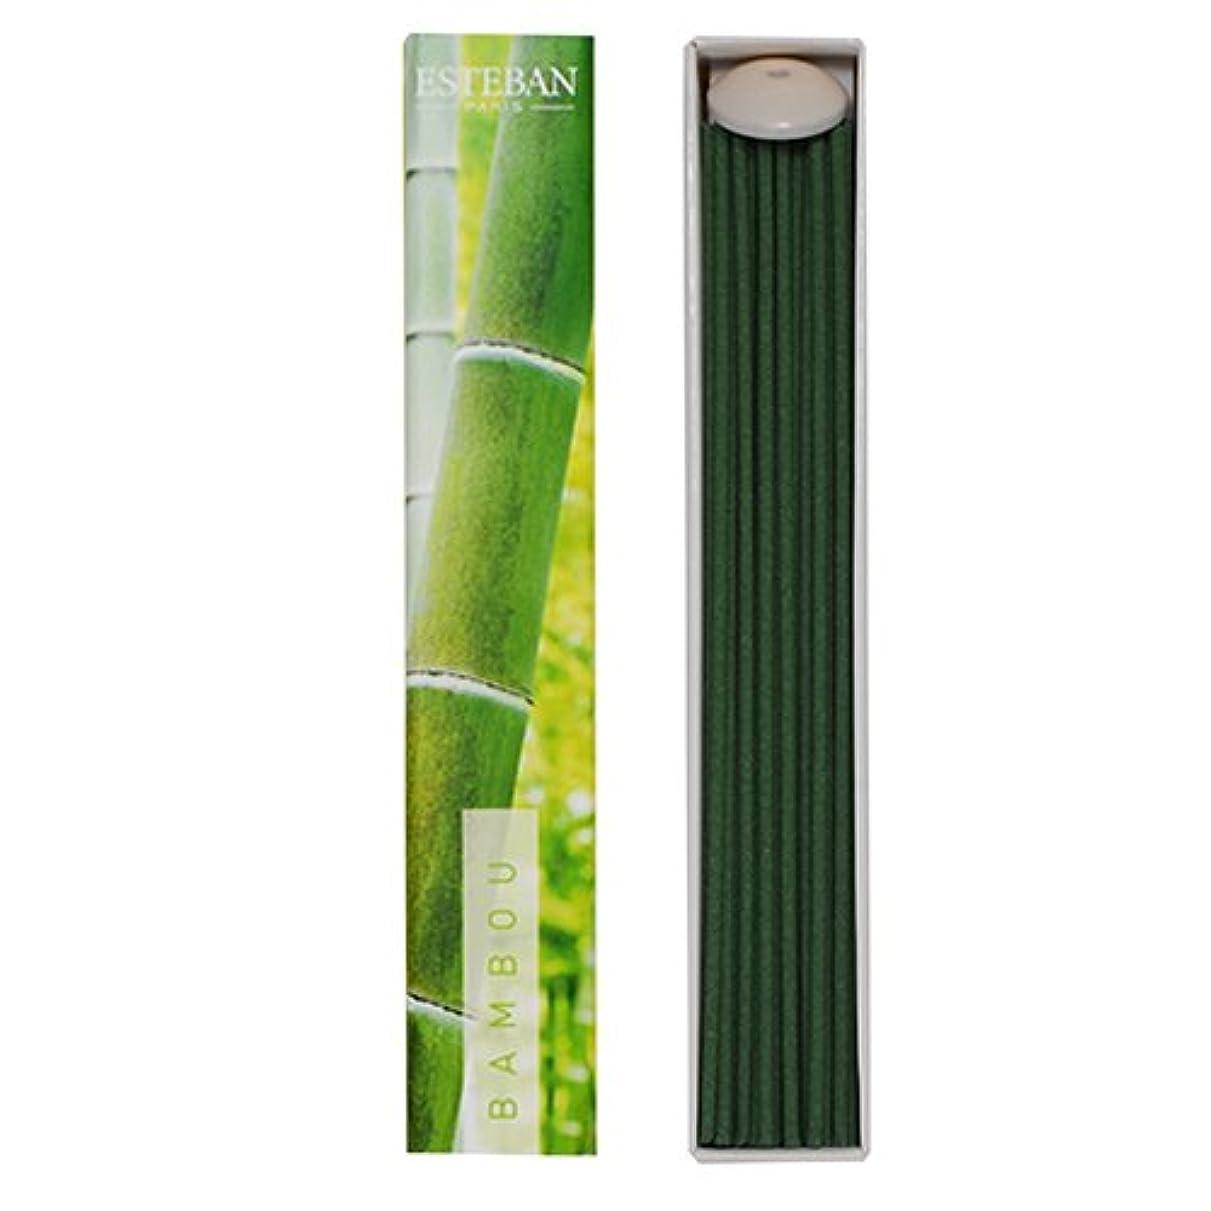 鋸歯状読書をする反対したエステバンのお香 エスプリドナチュール バンブー(竹)スティック